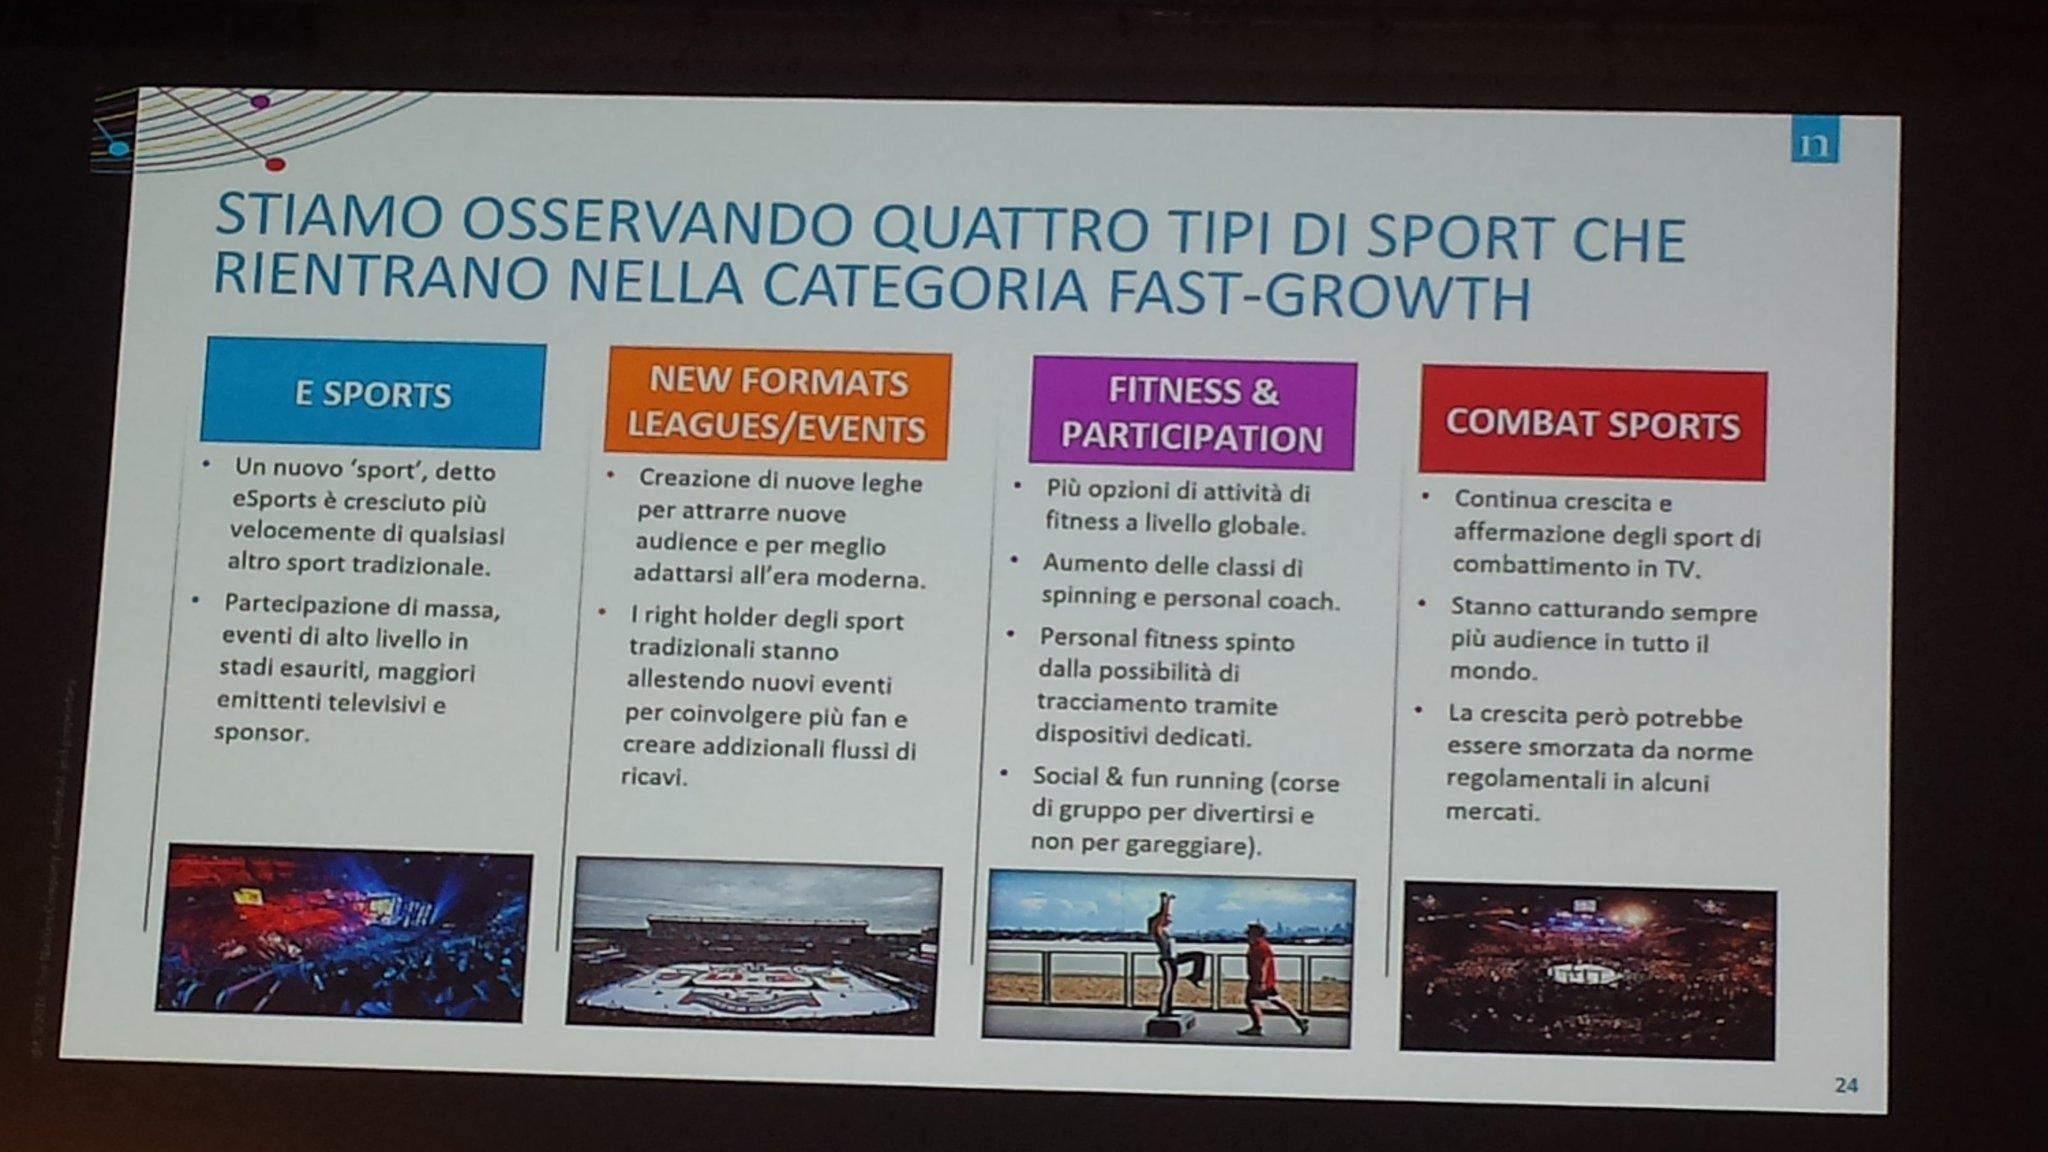 Le aree di maggiore crescita per lo #sportsbiz: #esports, nuovi tornei ed eventi, #fitness, #running, #combatsports #ForumSport https://t.co/uEAN1HzsDl